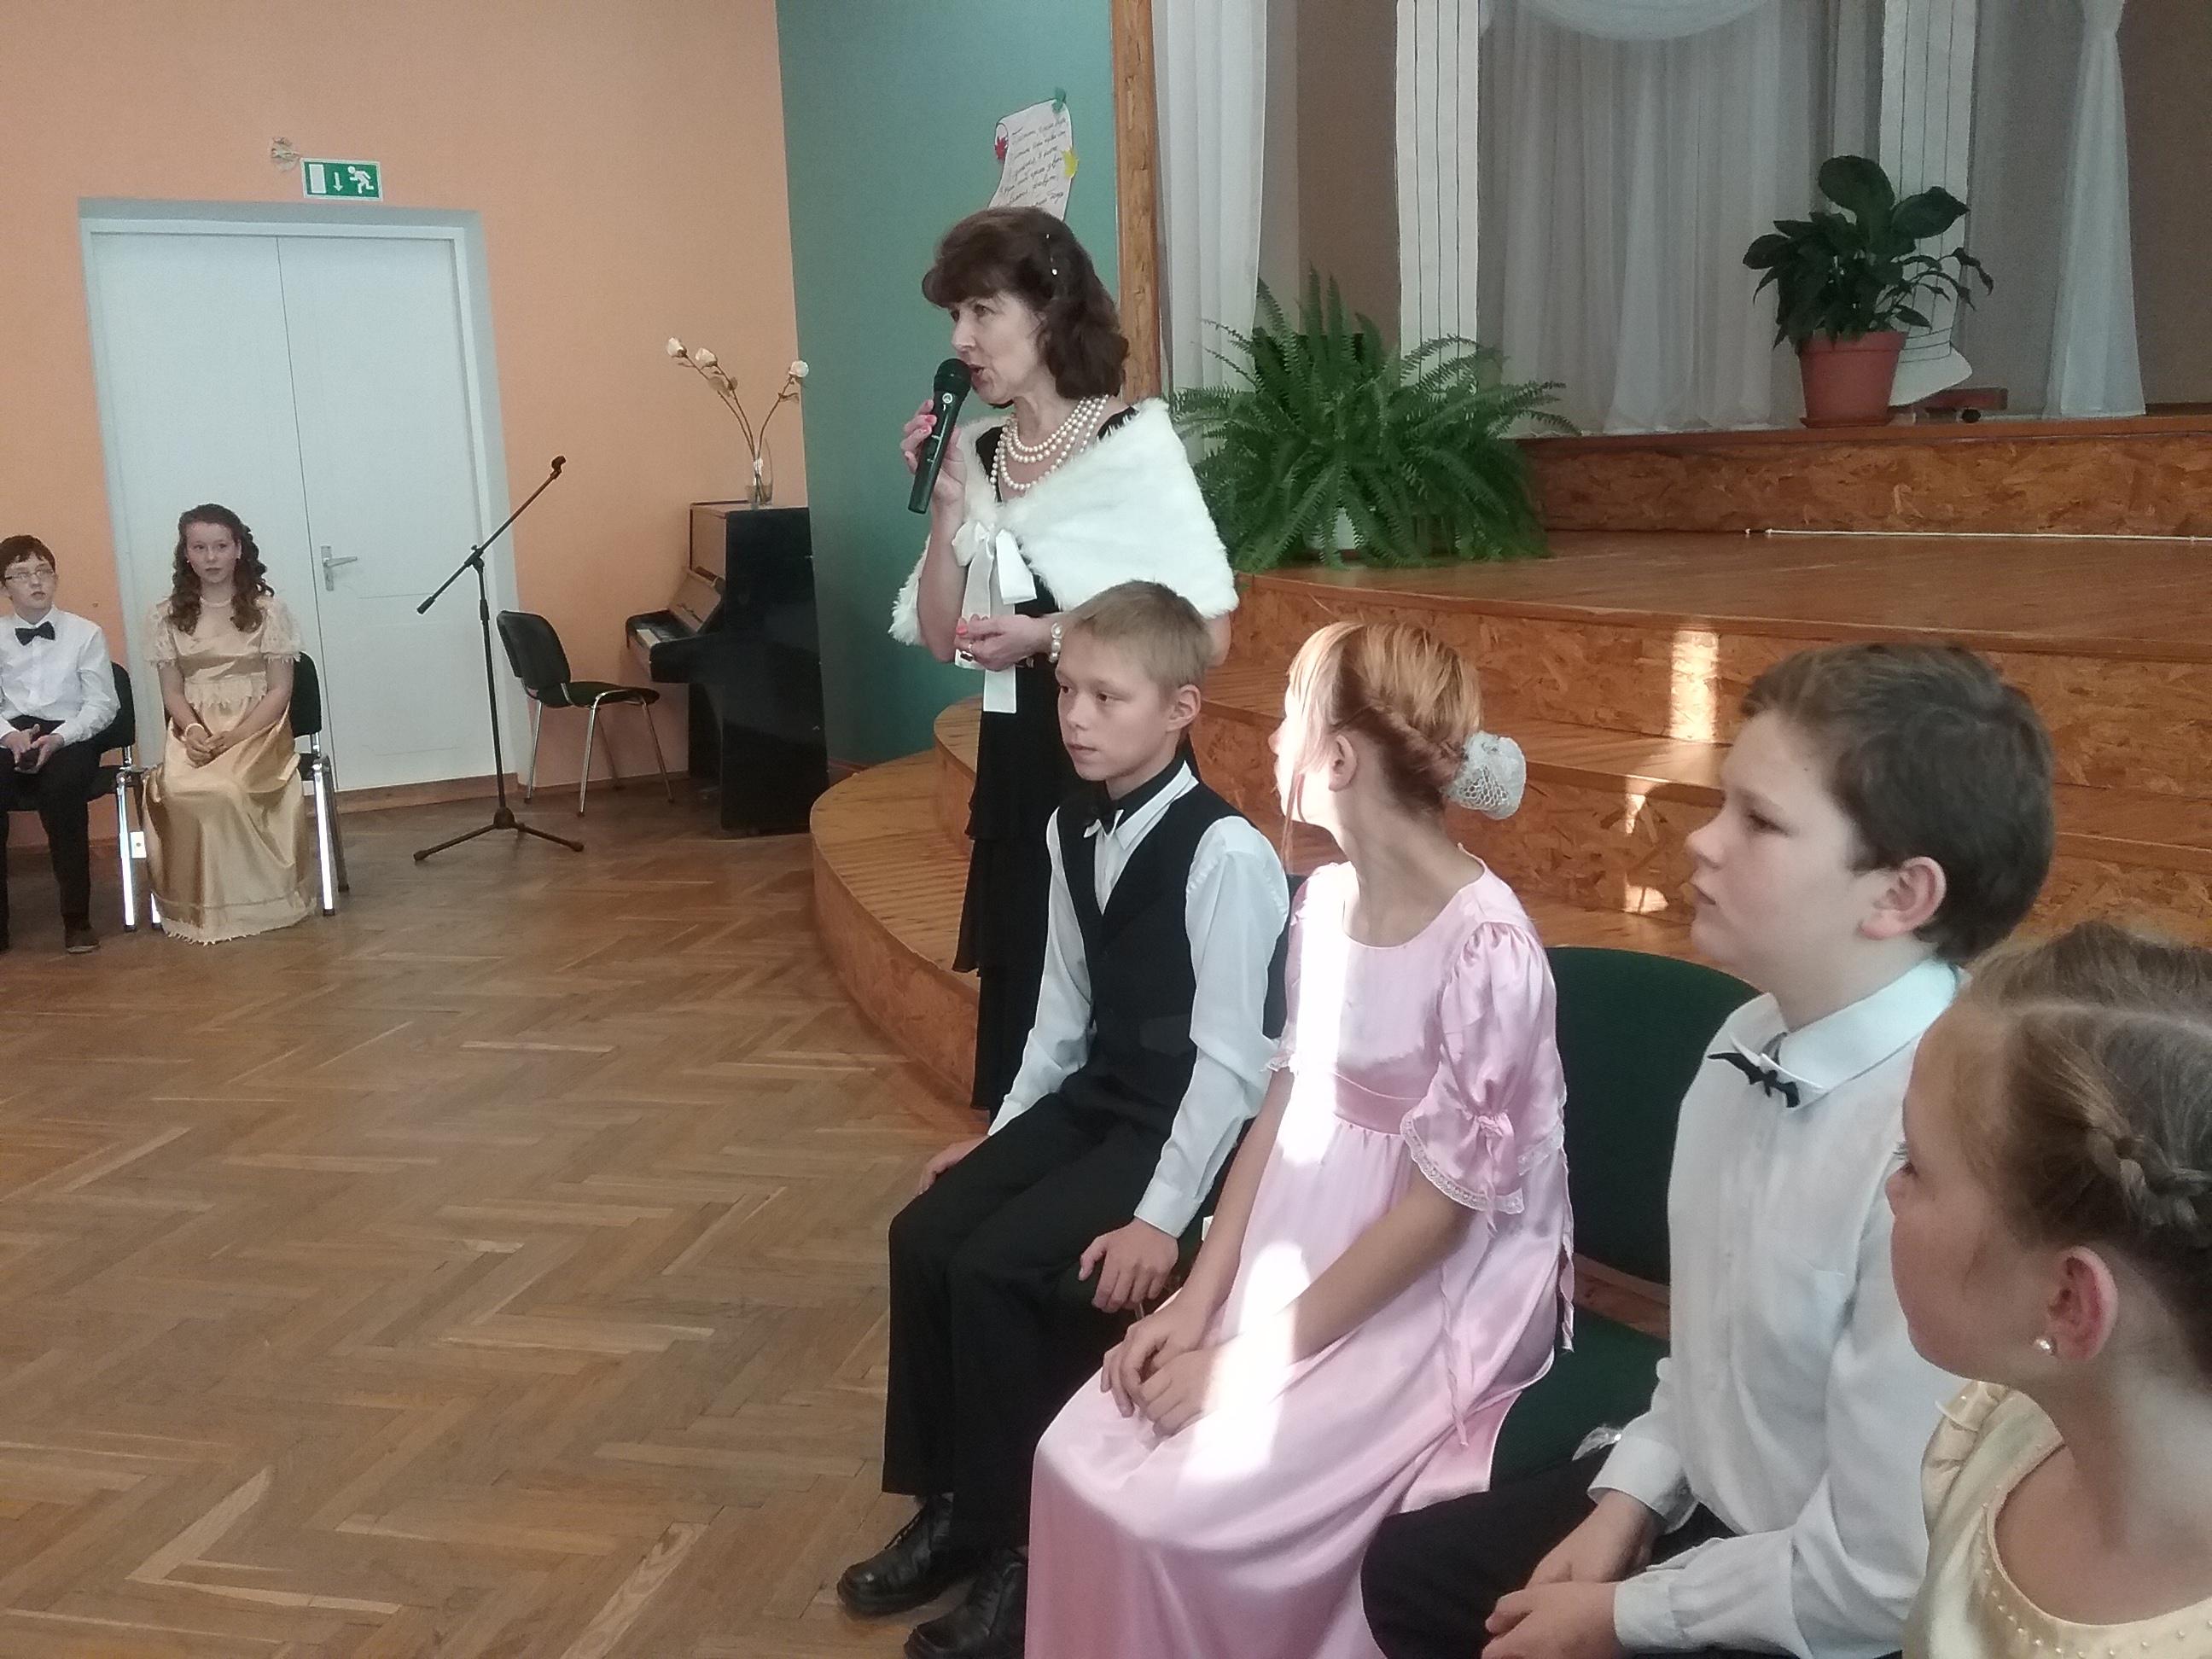 Rohkem kui 50 tantsijad 9 linna koolist ja Lova laste majast osalesid sügise Pushkini pallil Paju koolis